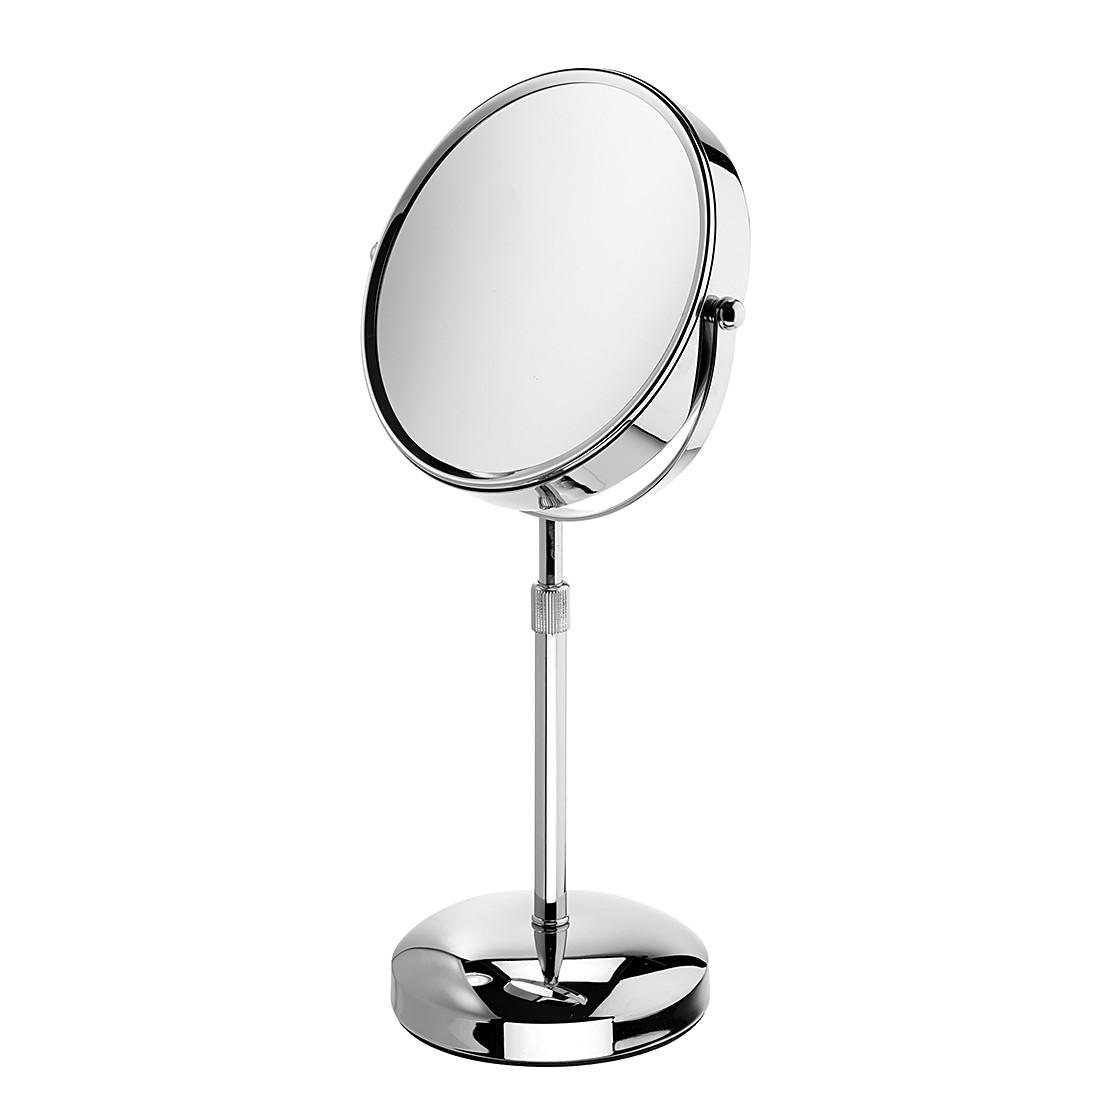 Piedistallo affettarice 9h berkel 1936 prezzo e offerte sottocosto - Specchio con piedistallo ...